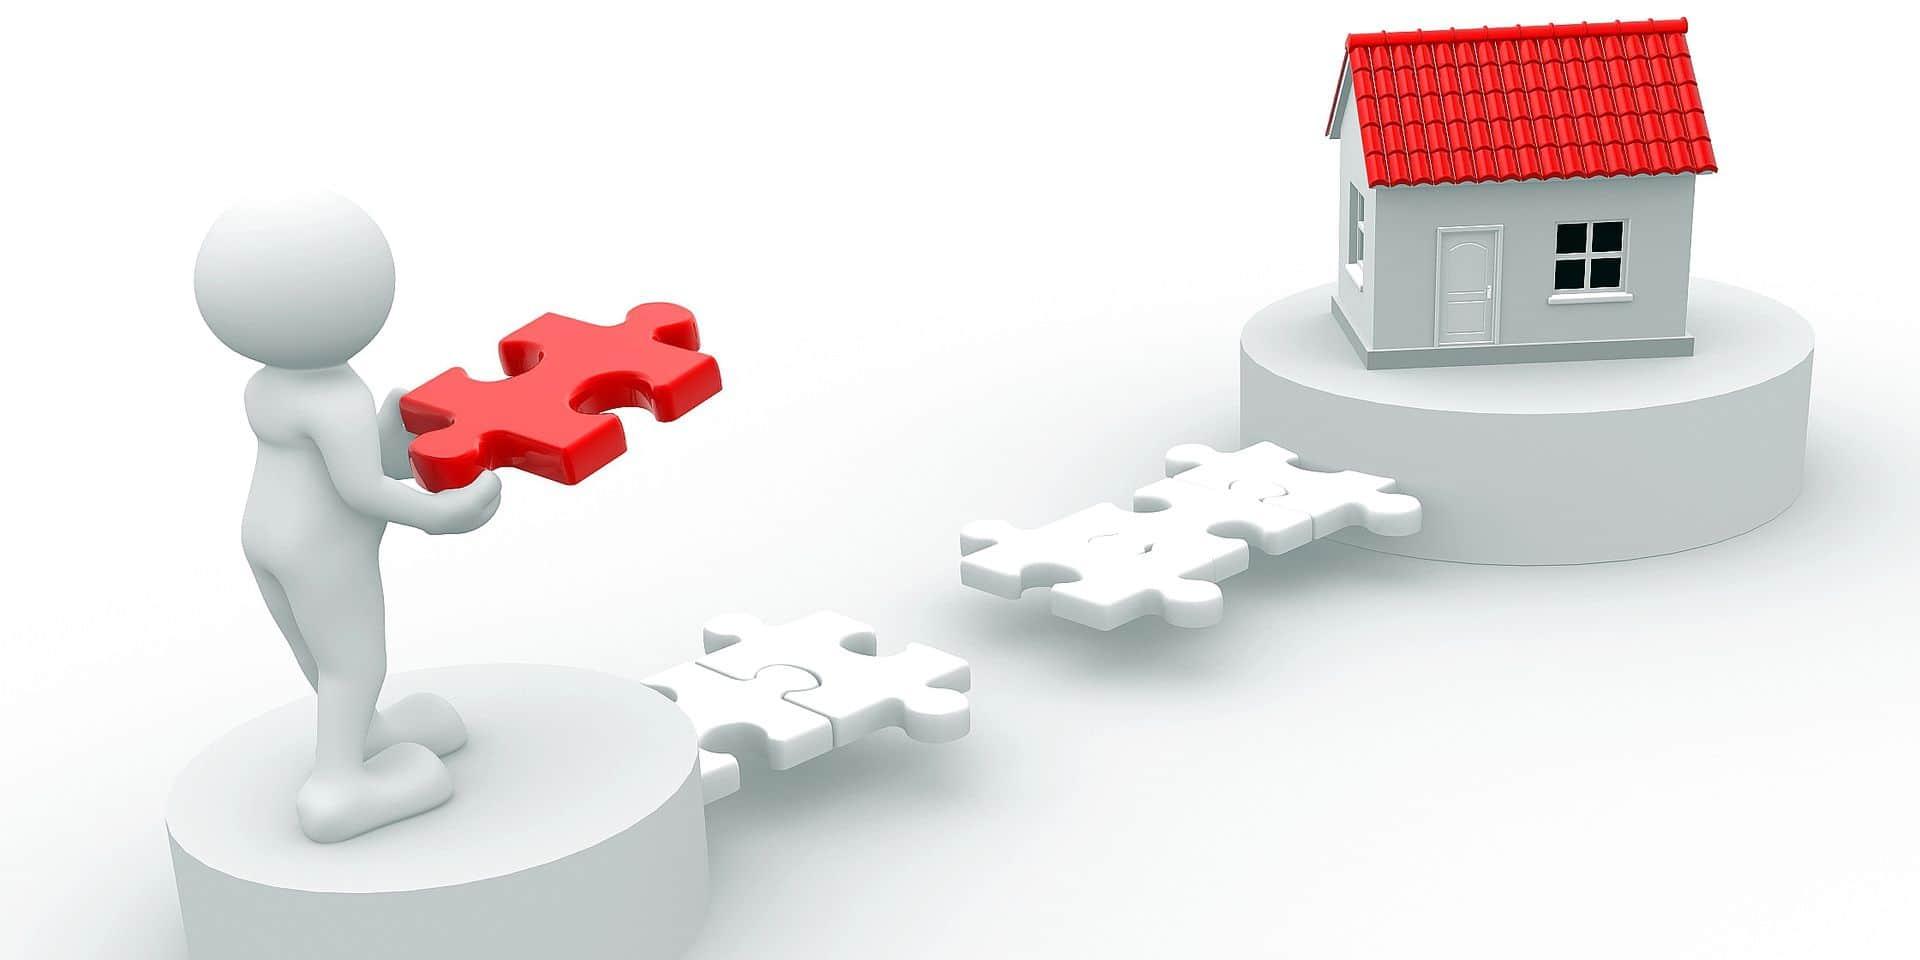 Immobilier : quand vendre et acheter? Nos conseils